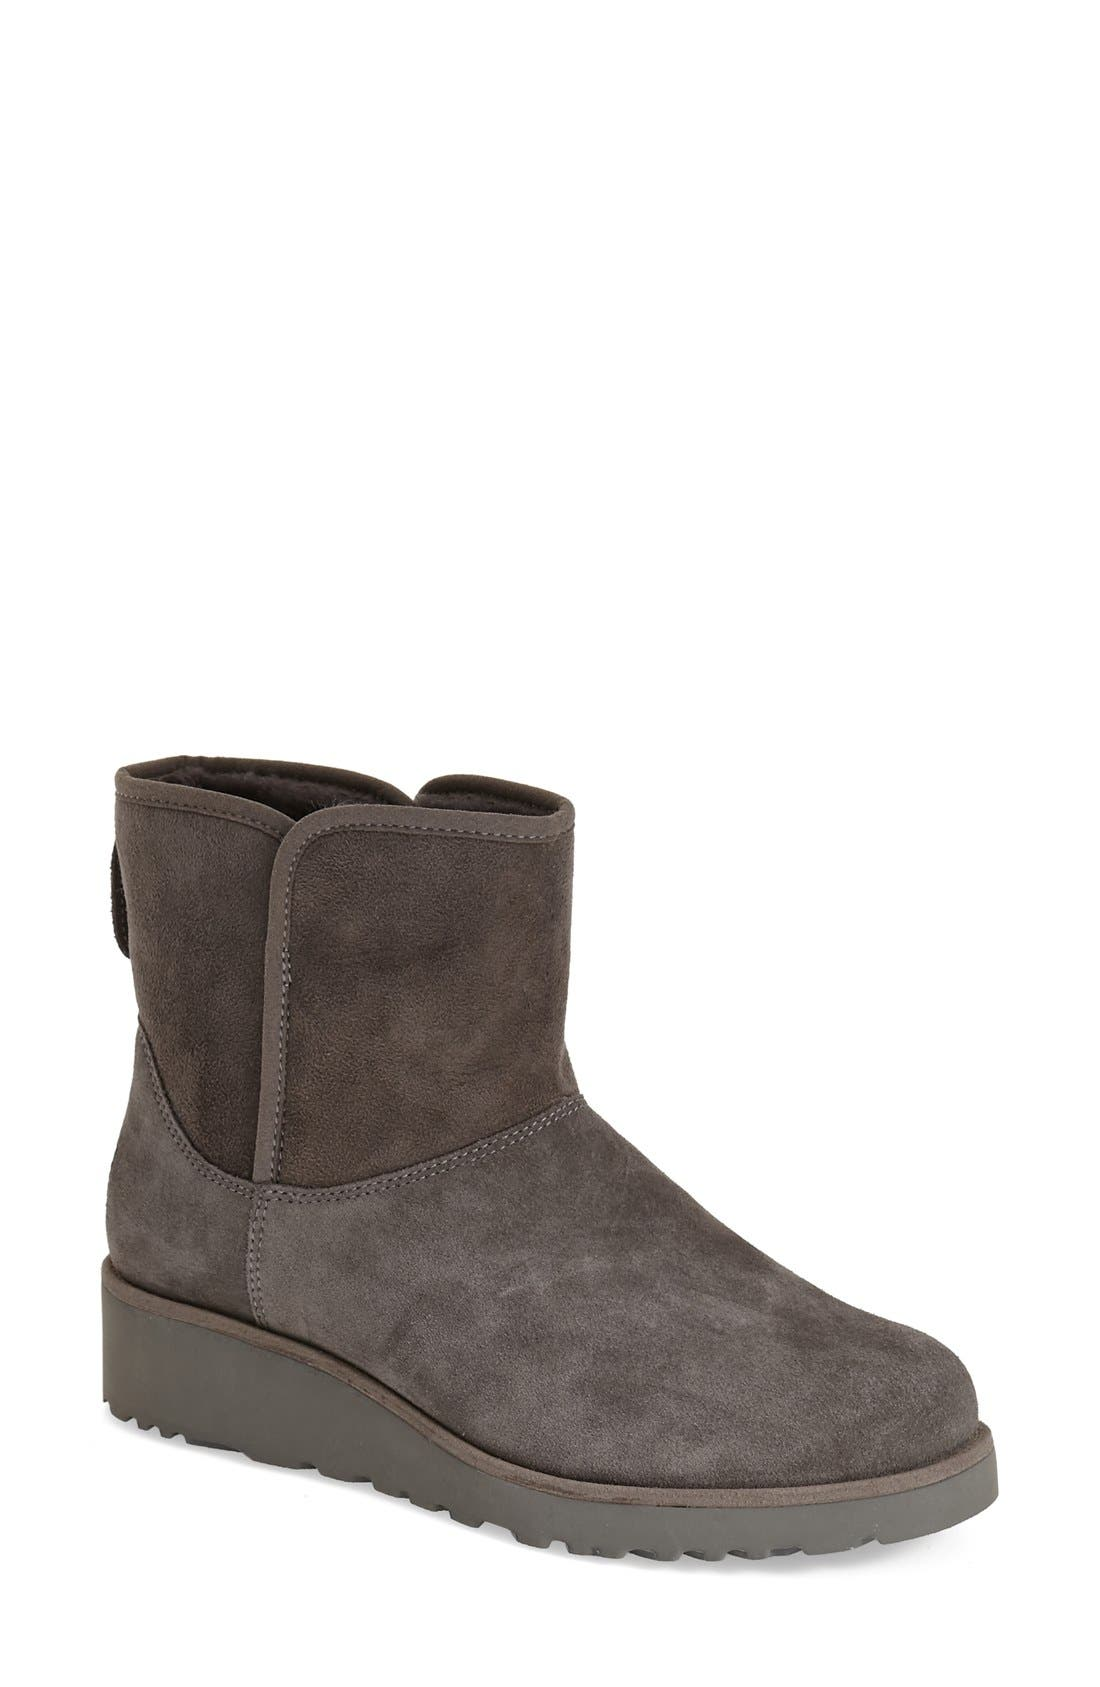 Main Image - UGG® Kristin - Classic Slim™ Water Resistant Mini Boot (Women)